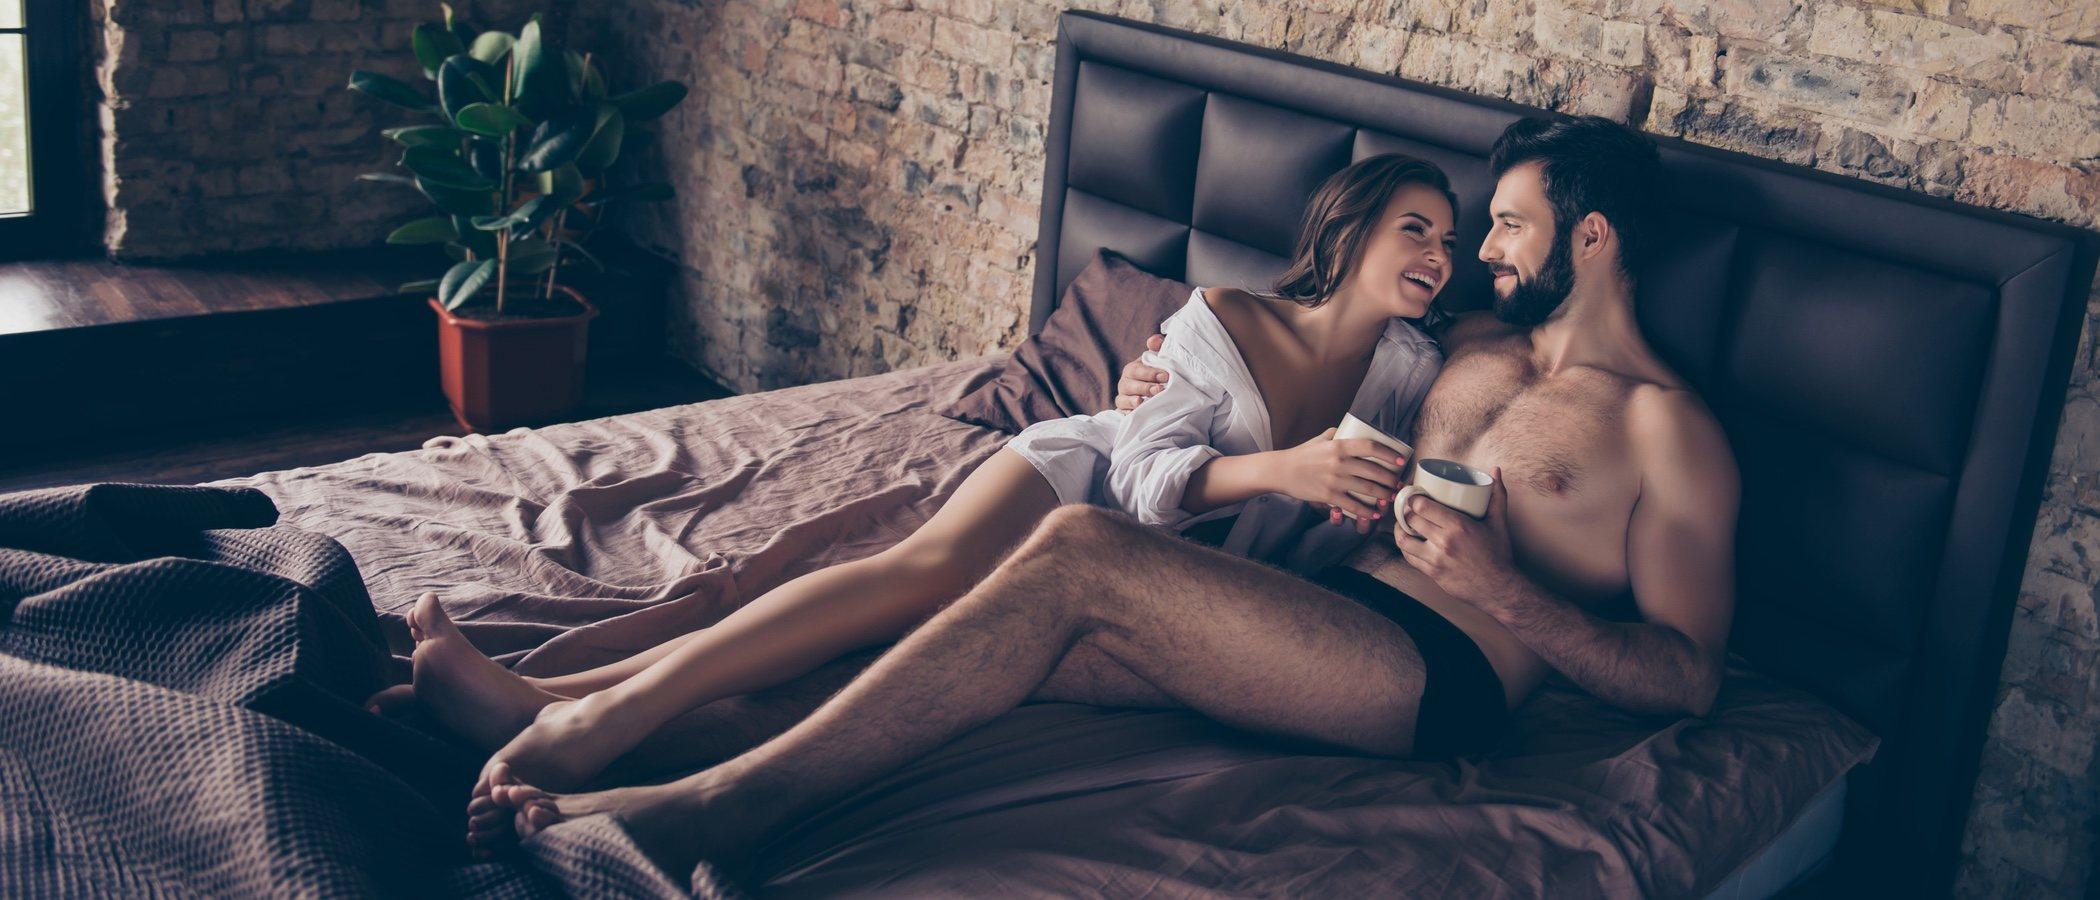 Horóscopo sexual febrero 2019: Acuario